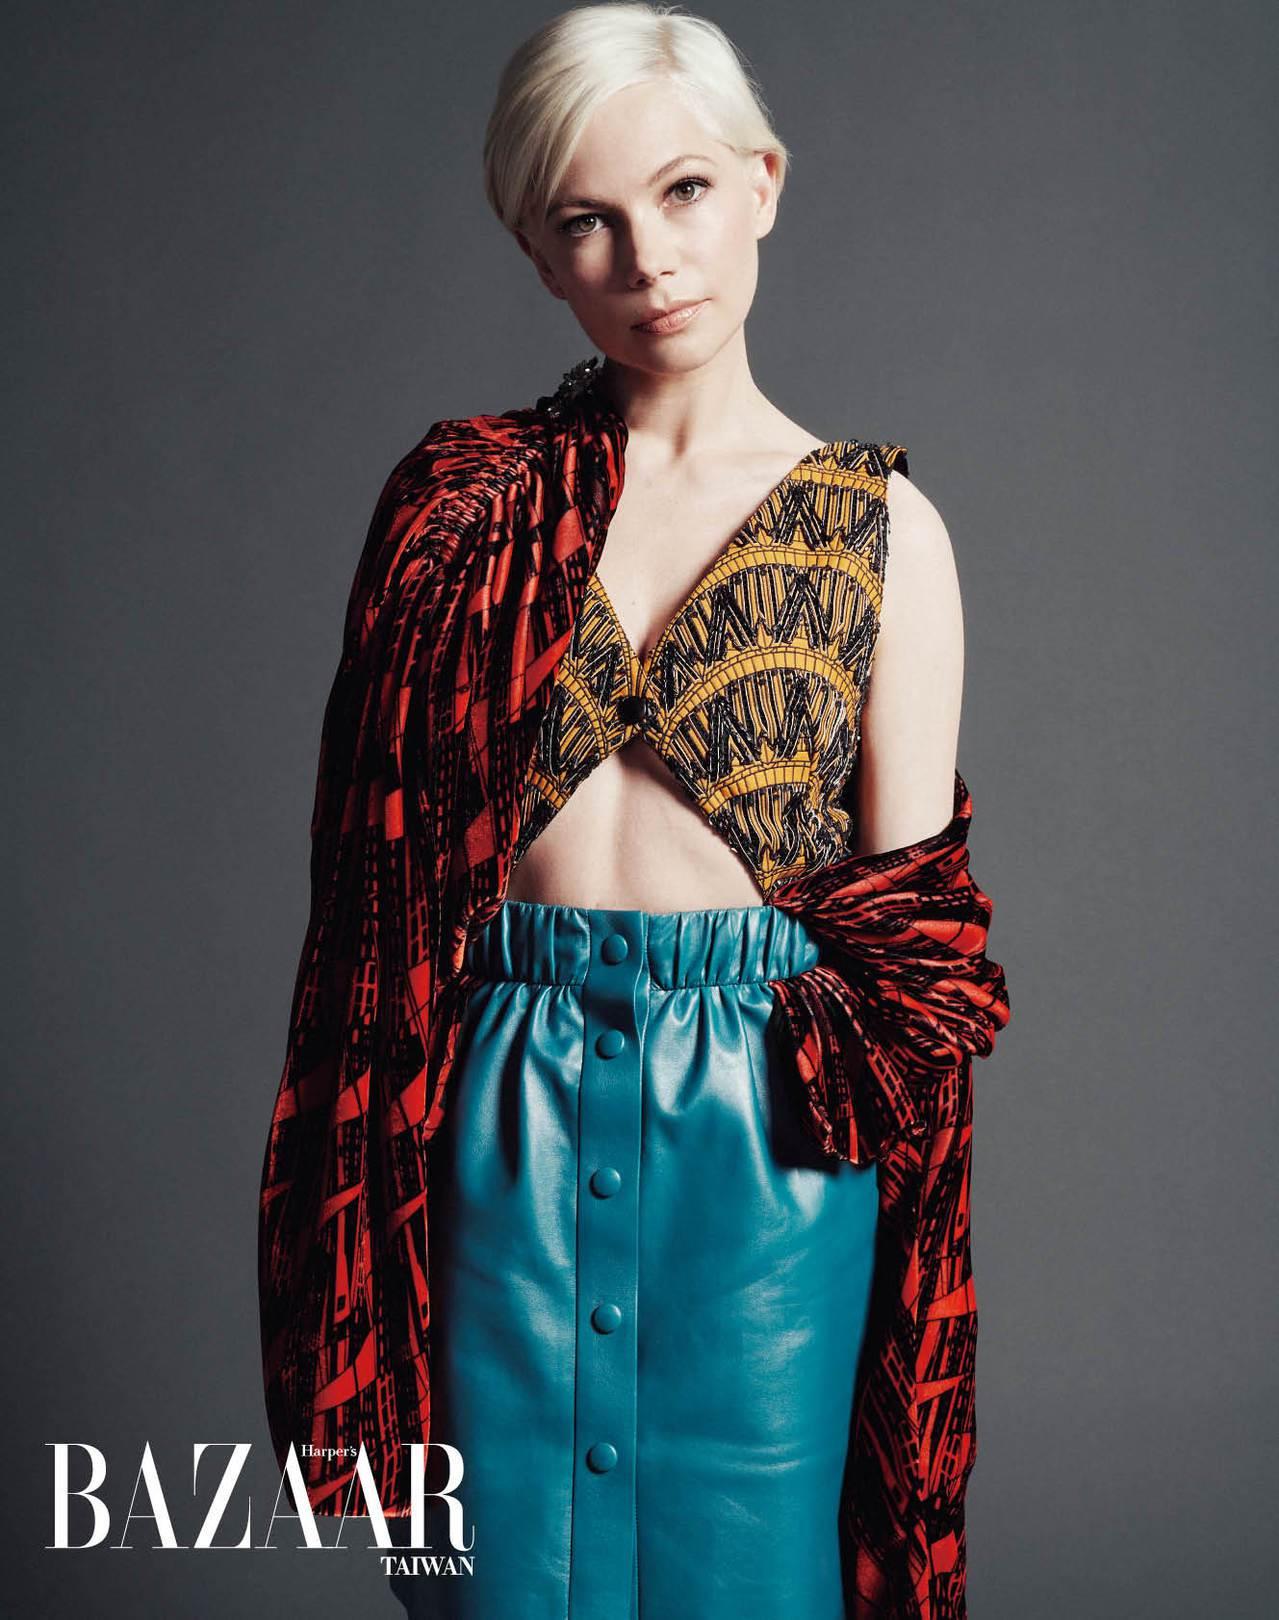 刺繡背心、罩衫、皮裙, Louis Vuitton。